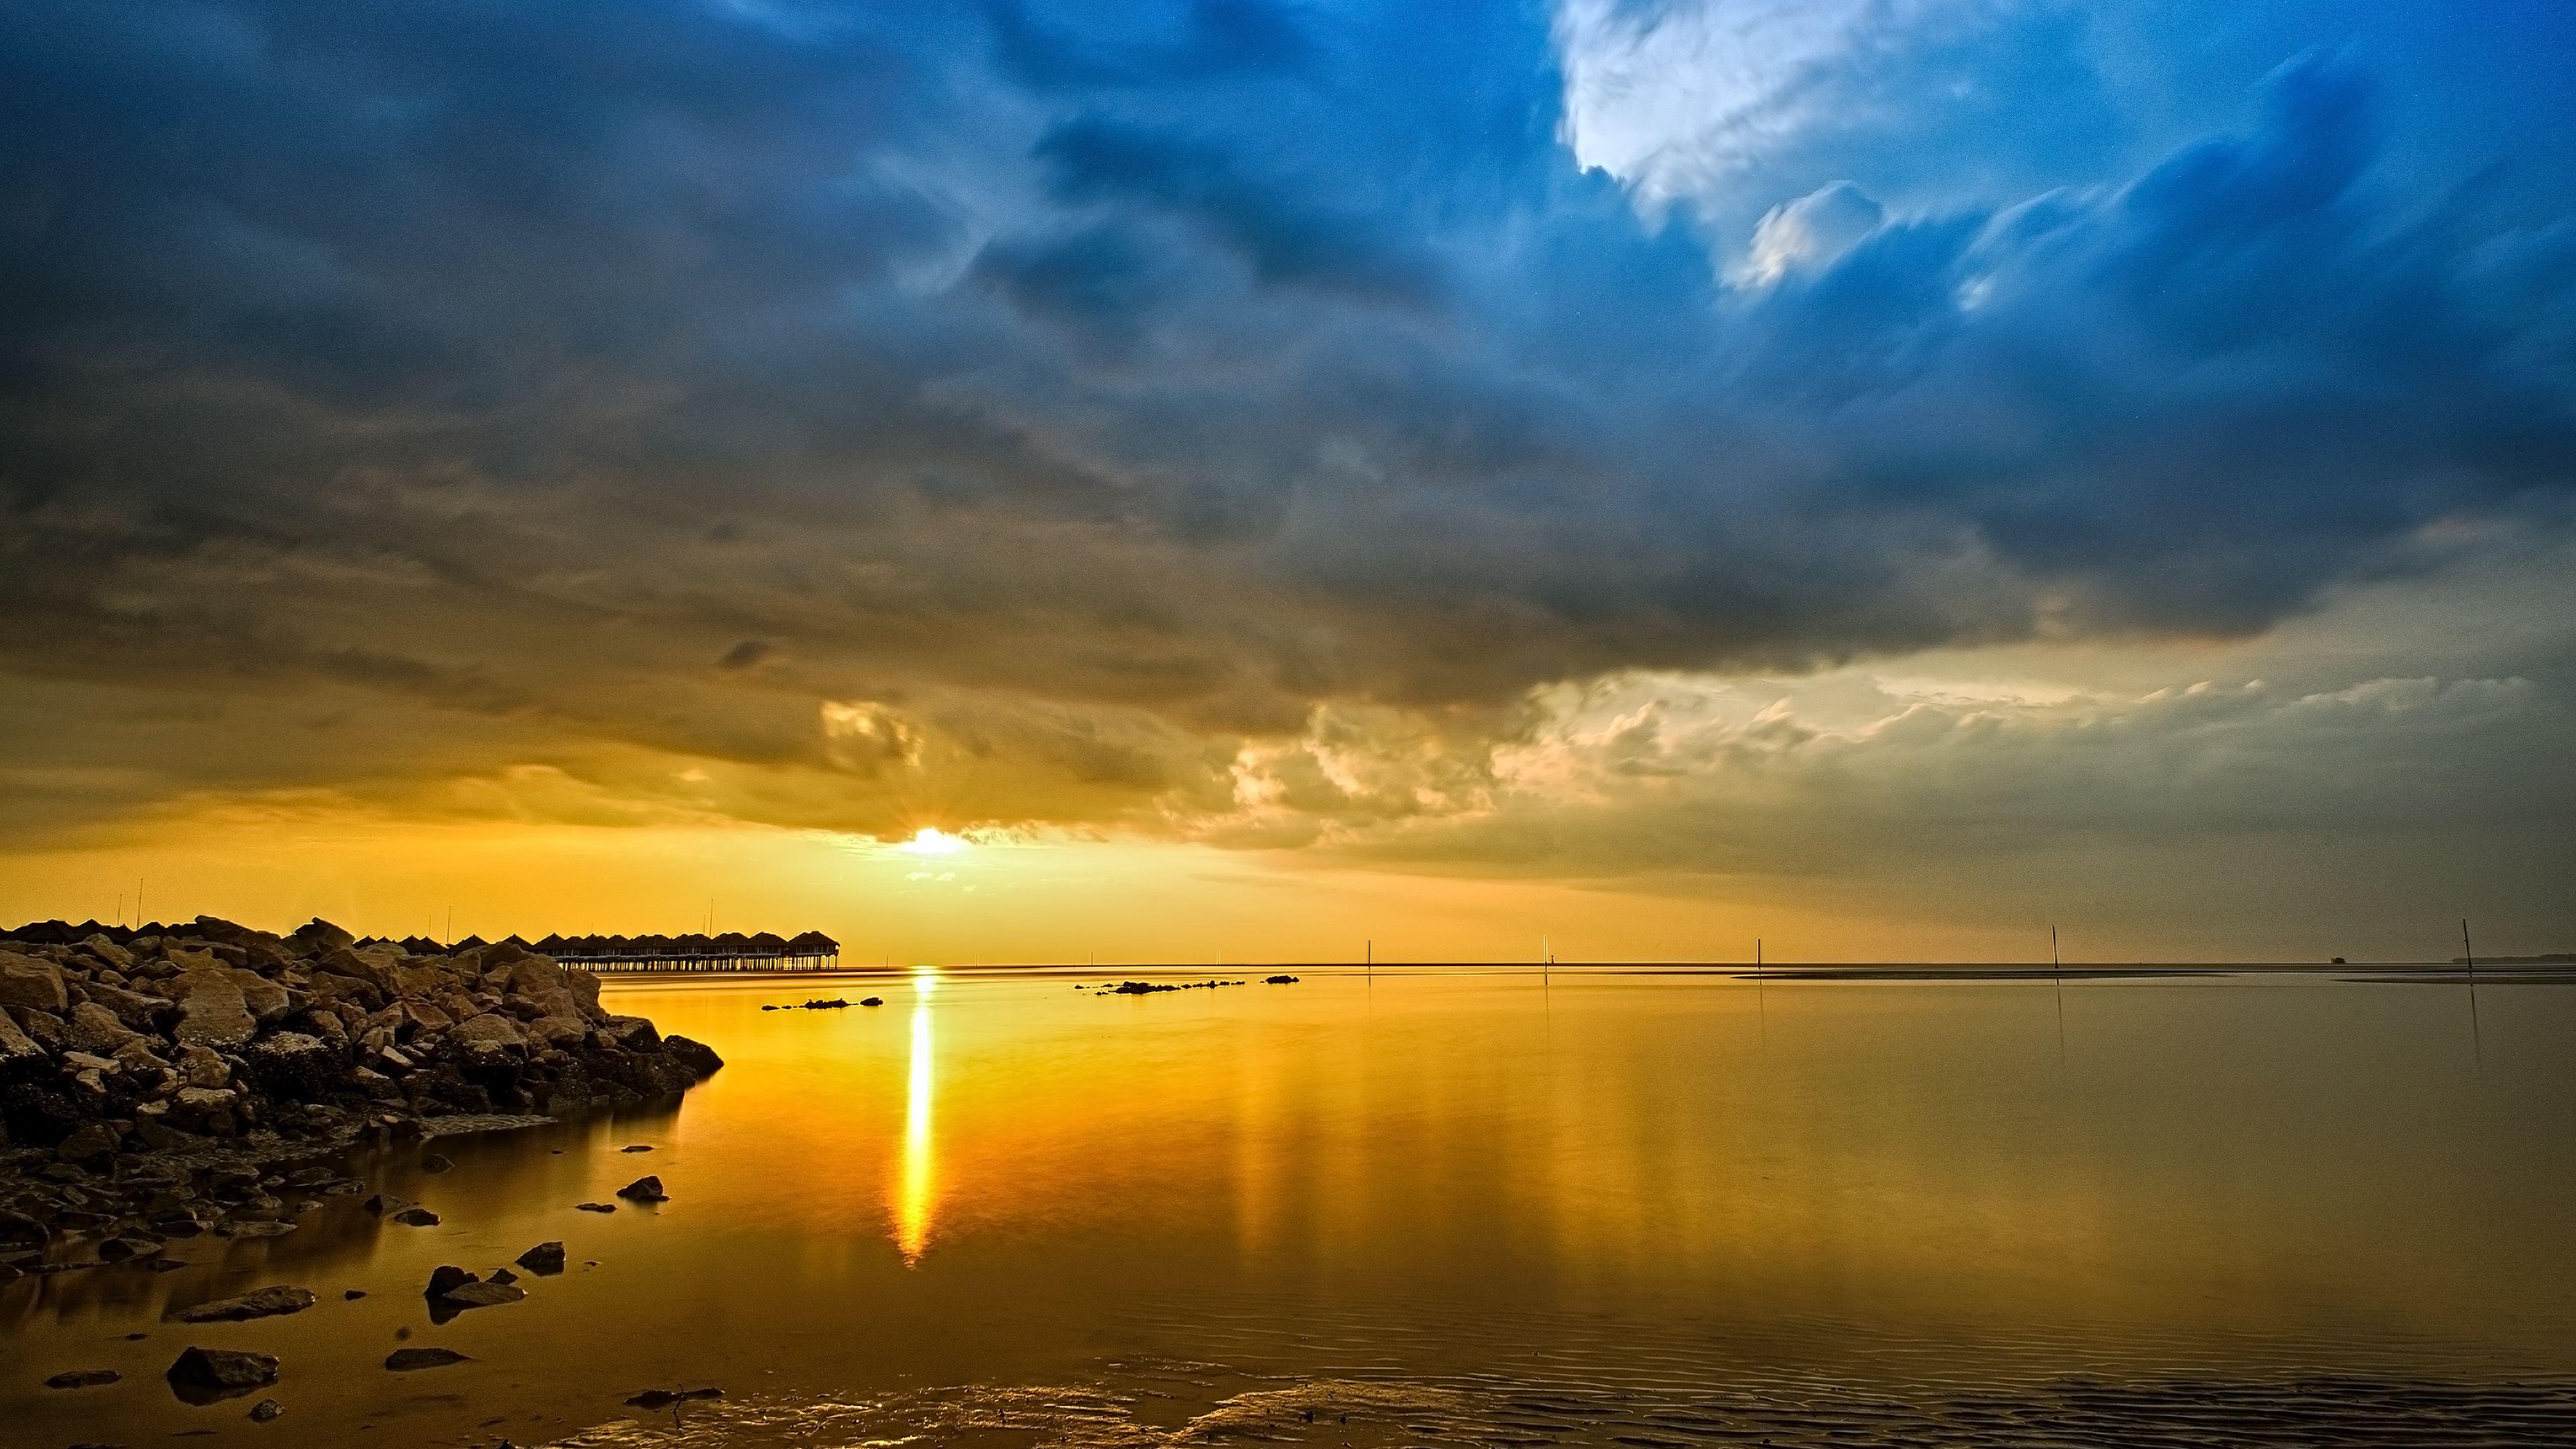 Sunset over Sepang Gold Coast Malaysia [3840 X 2160